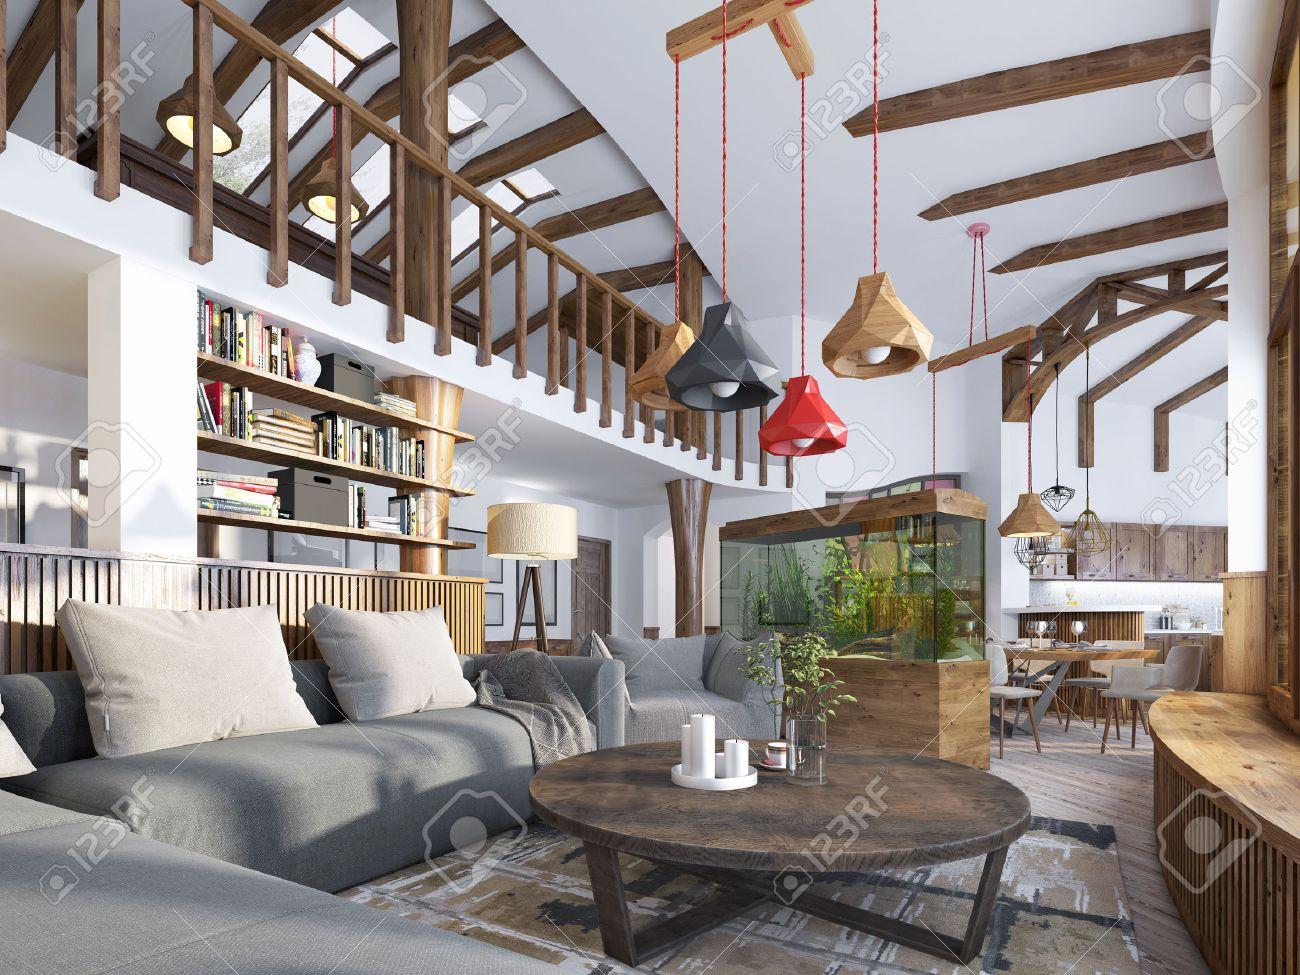 Interior Wohnzimmer, Loft Stil. Maisonette Ein Modernes Wohnzimmer Mit  Einem Billardraum Im Großen